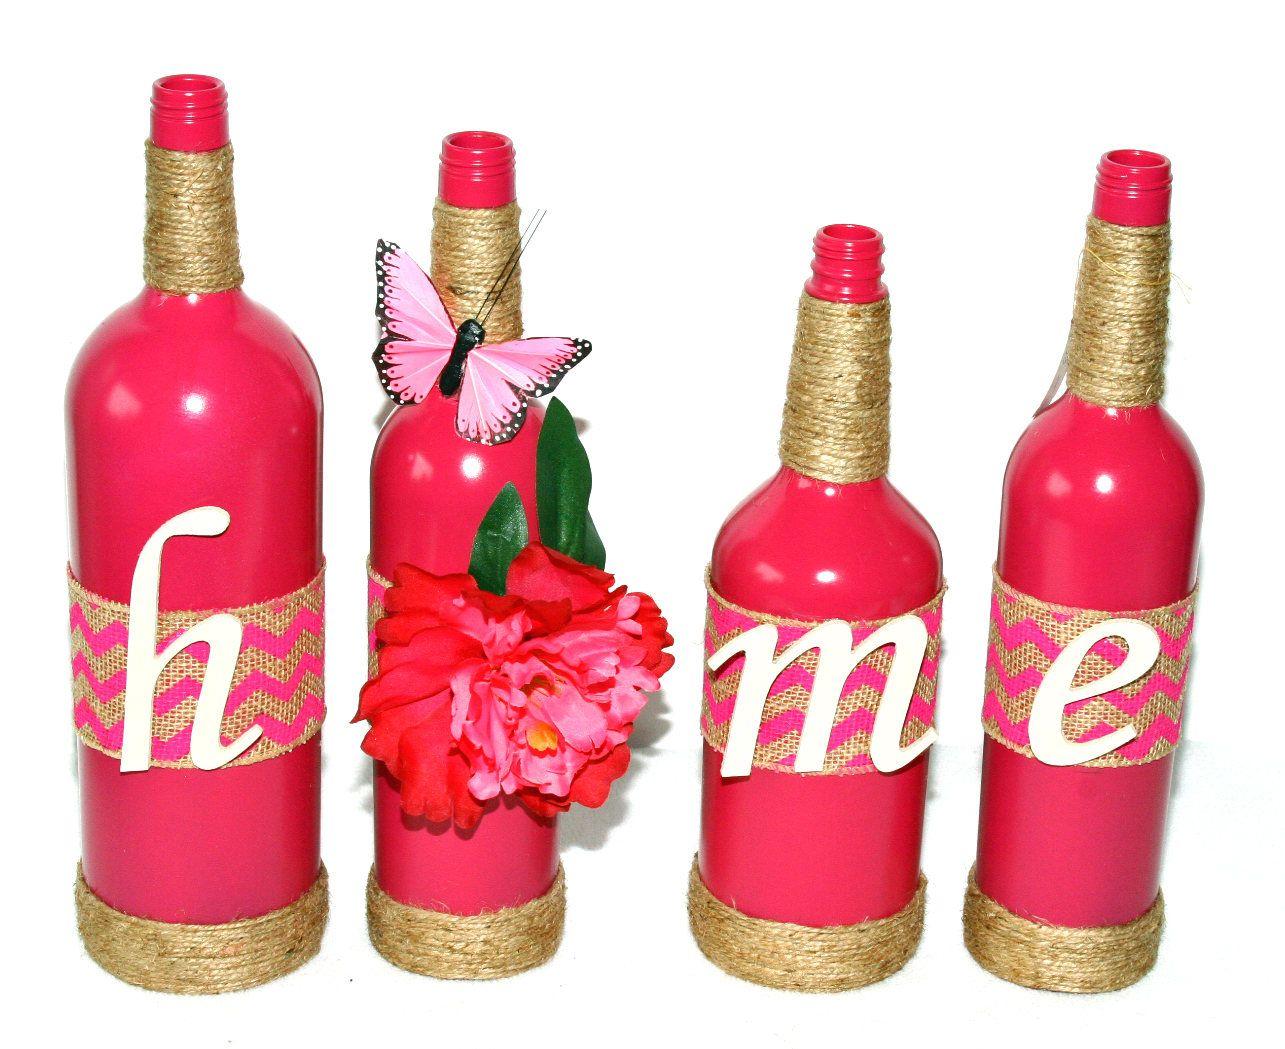 Dark Pink Wine Bottles Home Design Floral Butterfly Upcycled Bottles Handcrafted Magenta Painted Recy Wine Bottle Decor Bottles Decoration Painted Wine Bottles